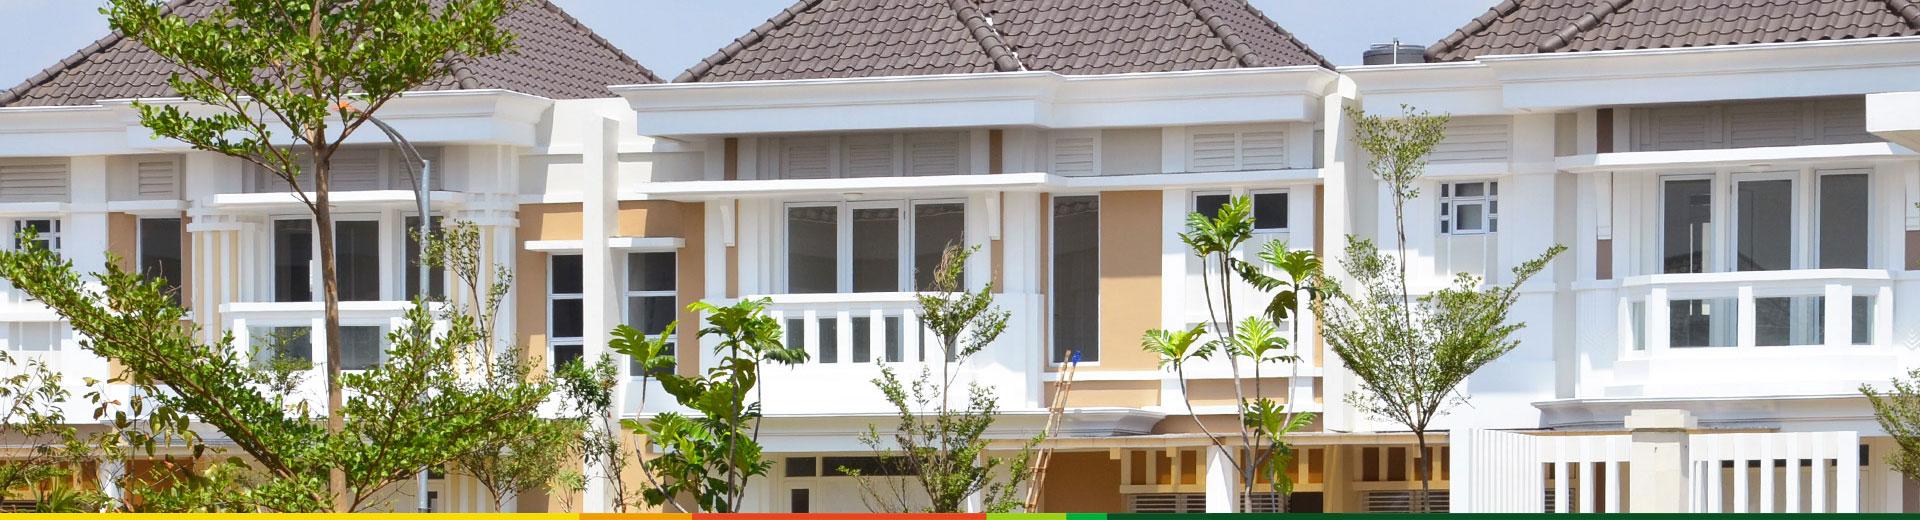 vernonia-residence-banner-02